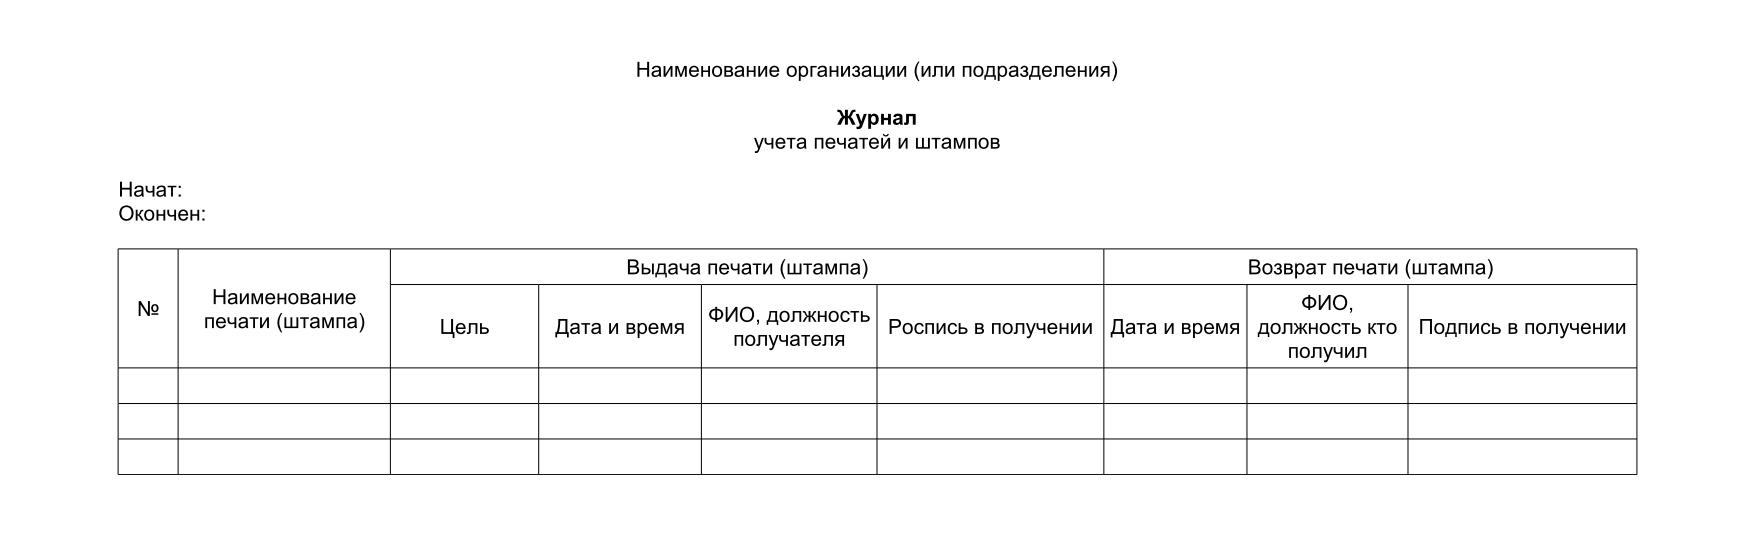 Статья 196 гражданского кодекса российской федерации